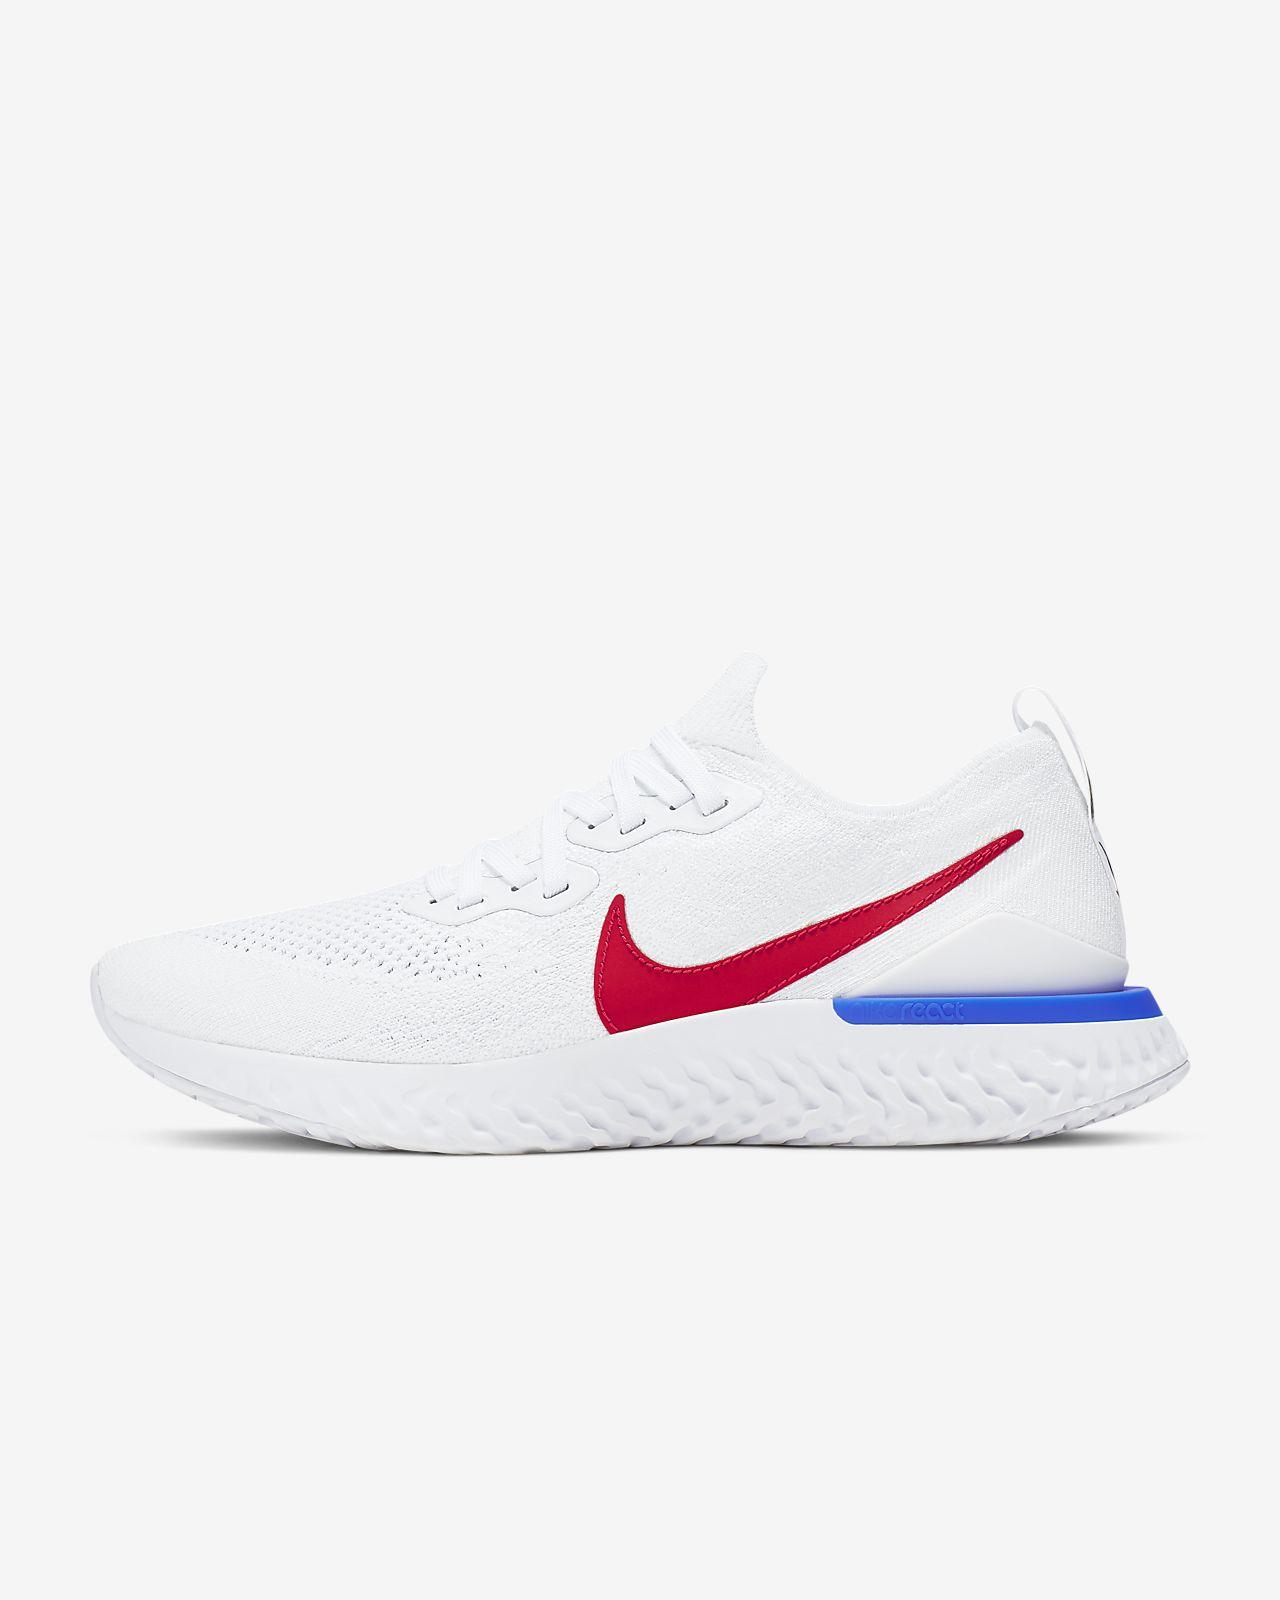 Ανδρικό παπούτσι για τρέξιμο Nike Epic React Flyknit 2 BRS